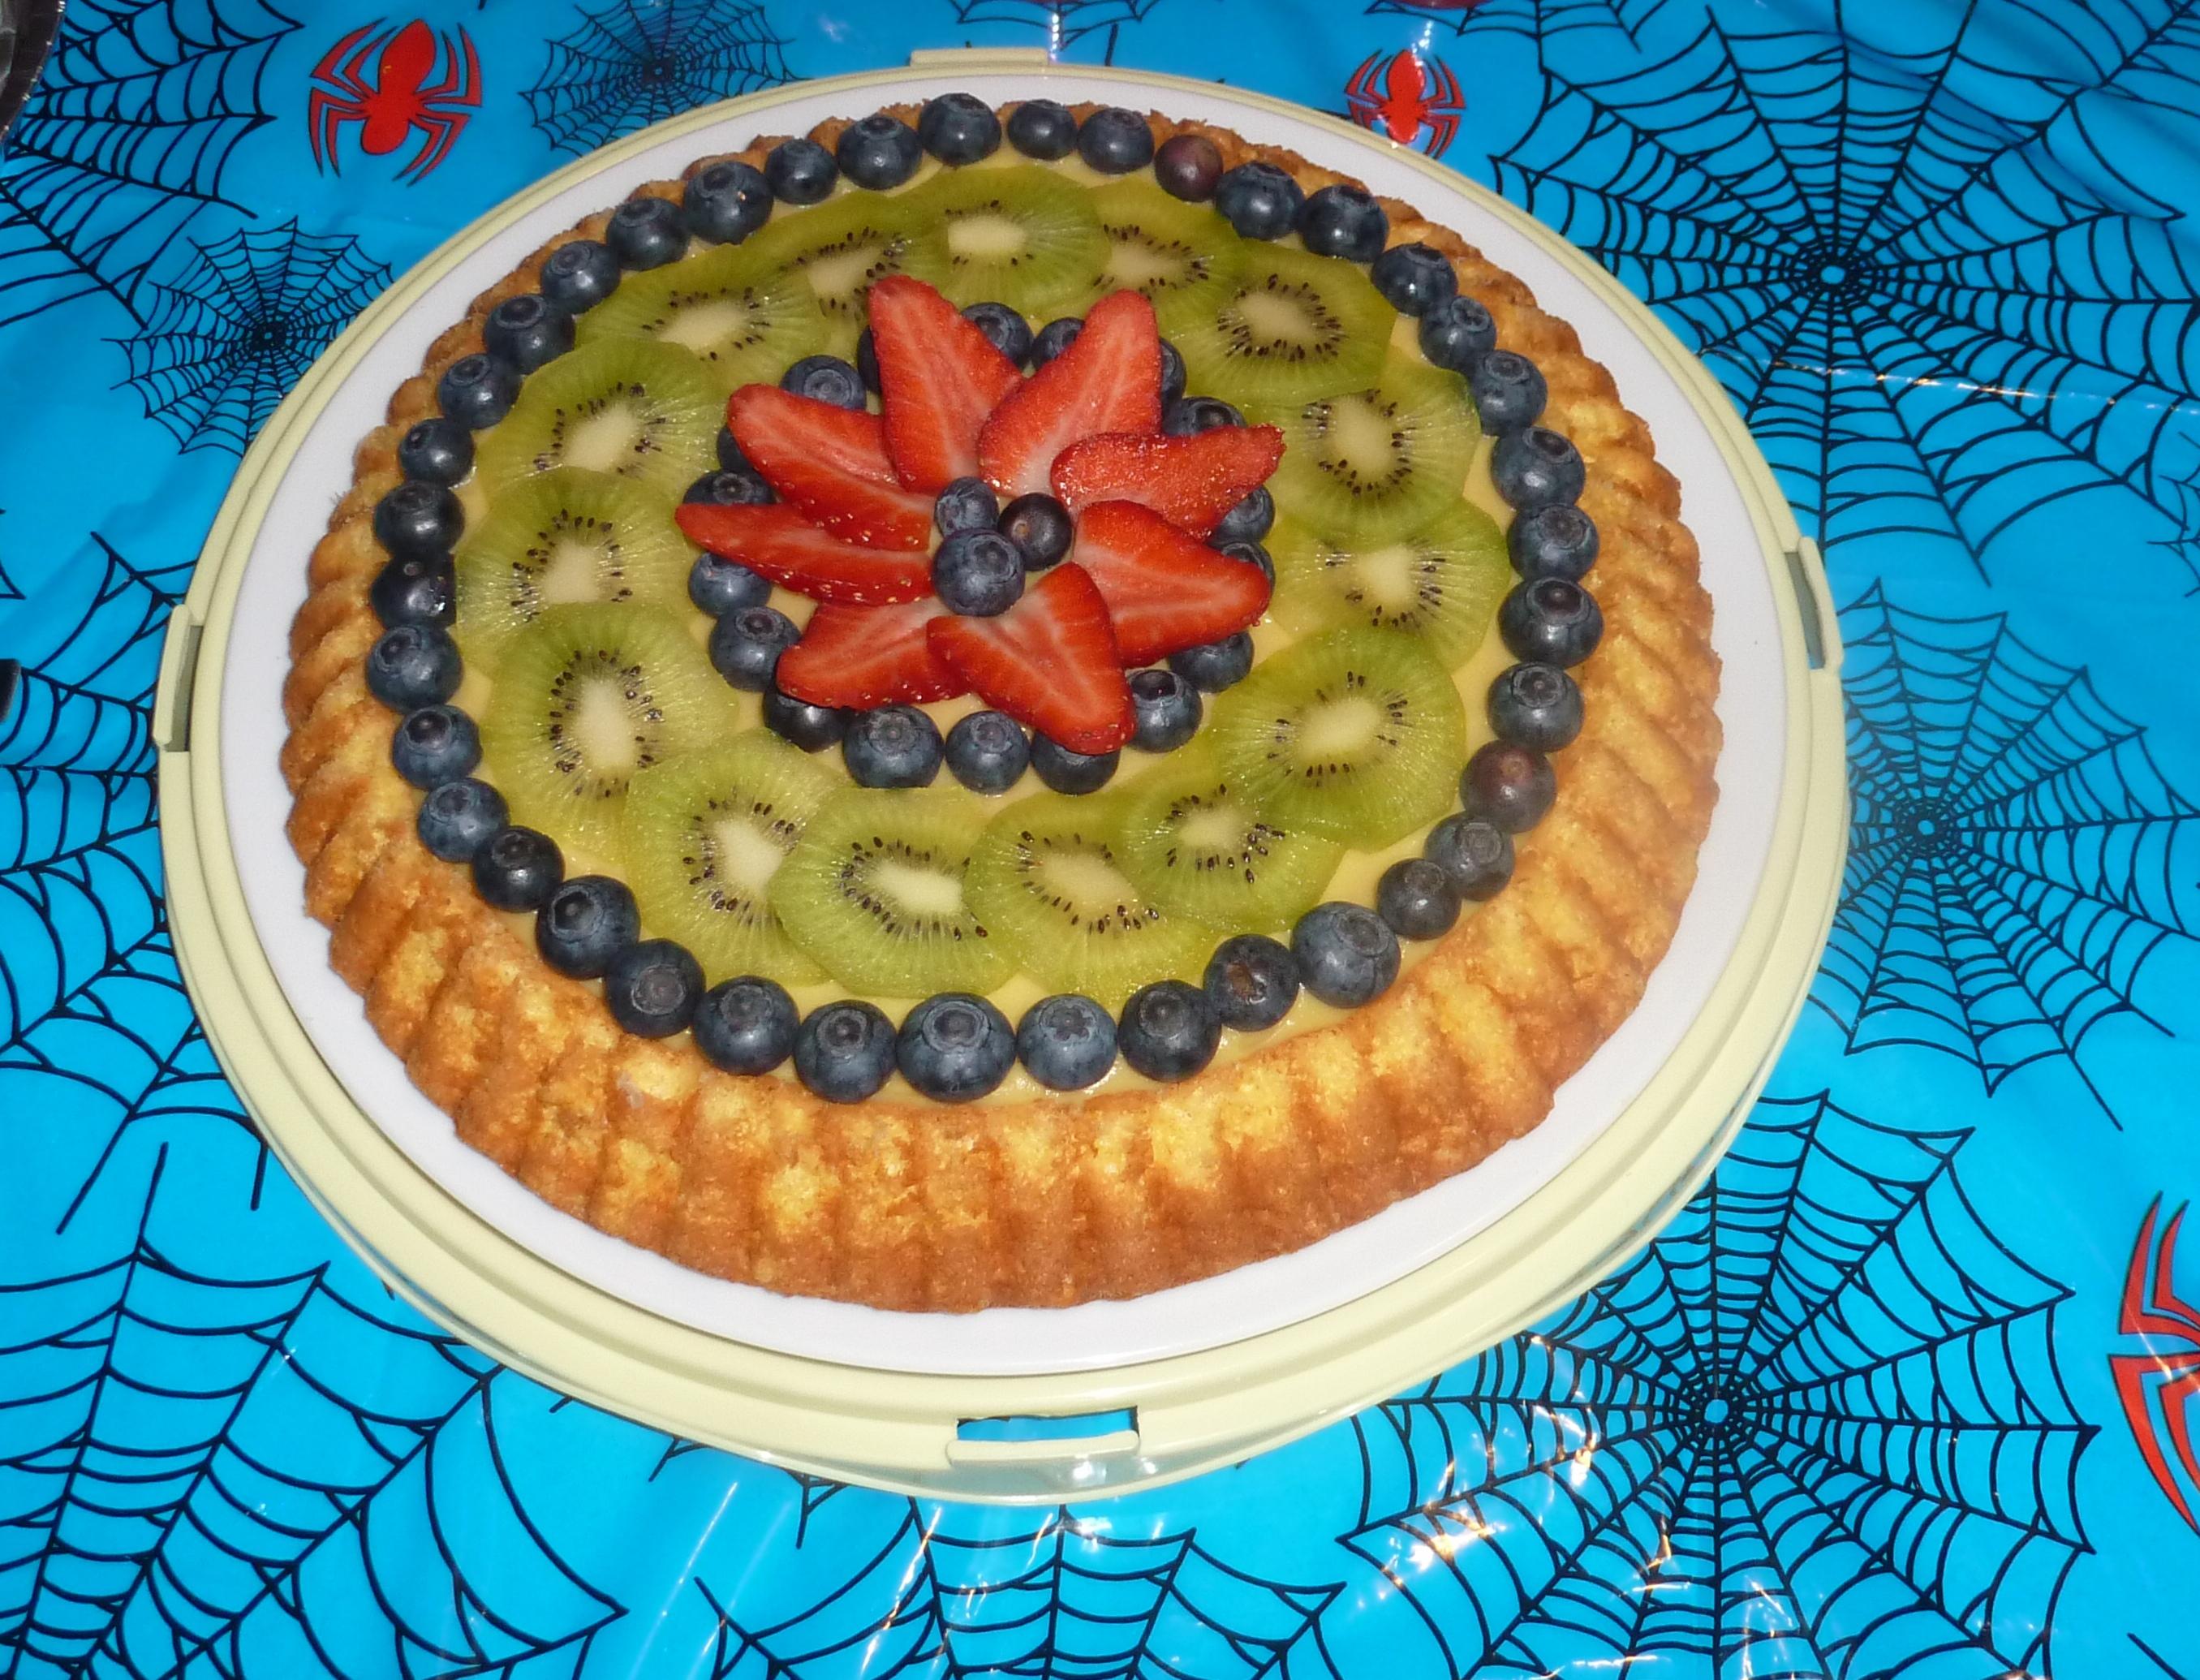 Torta con crema e frutta